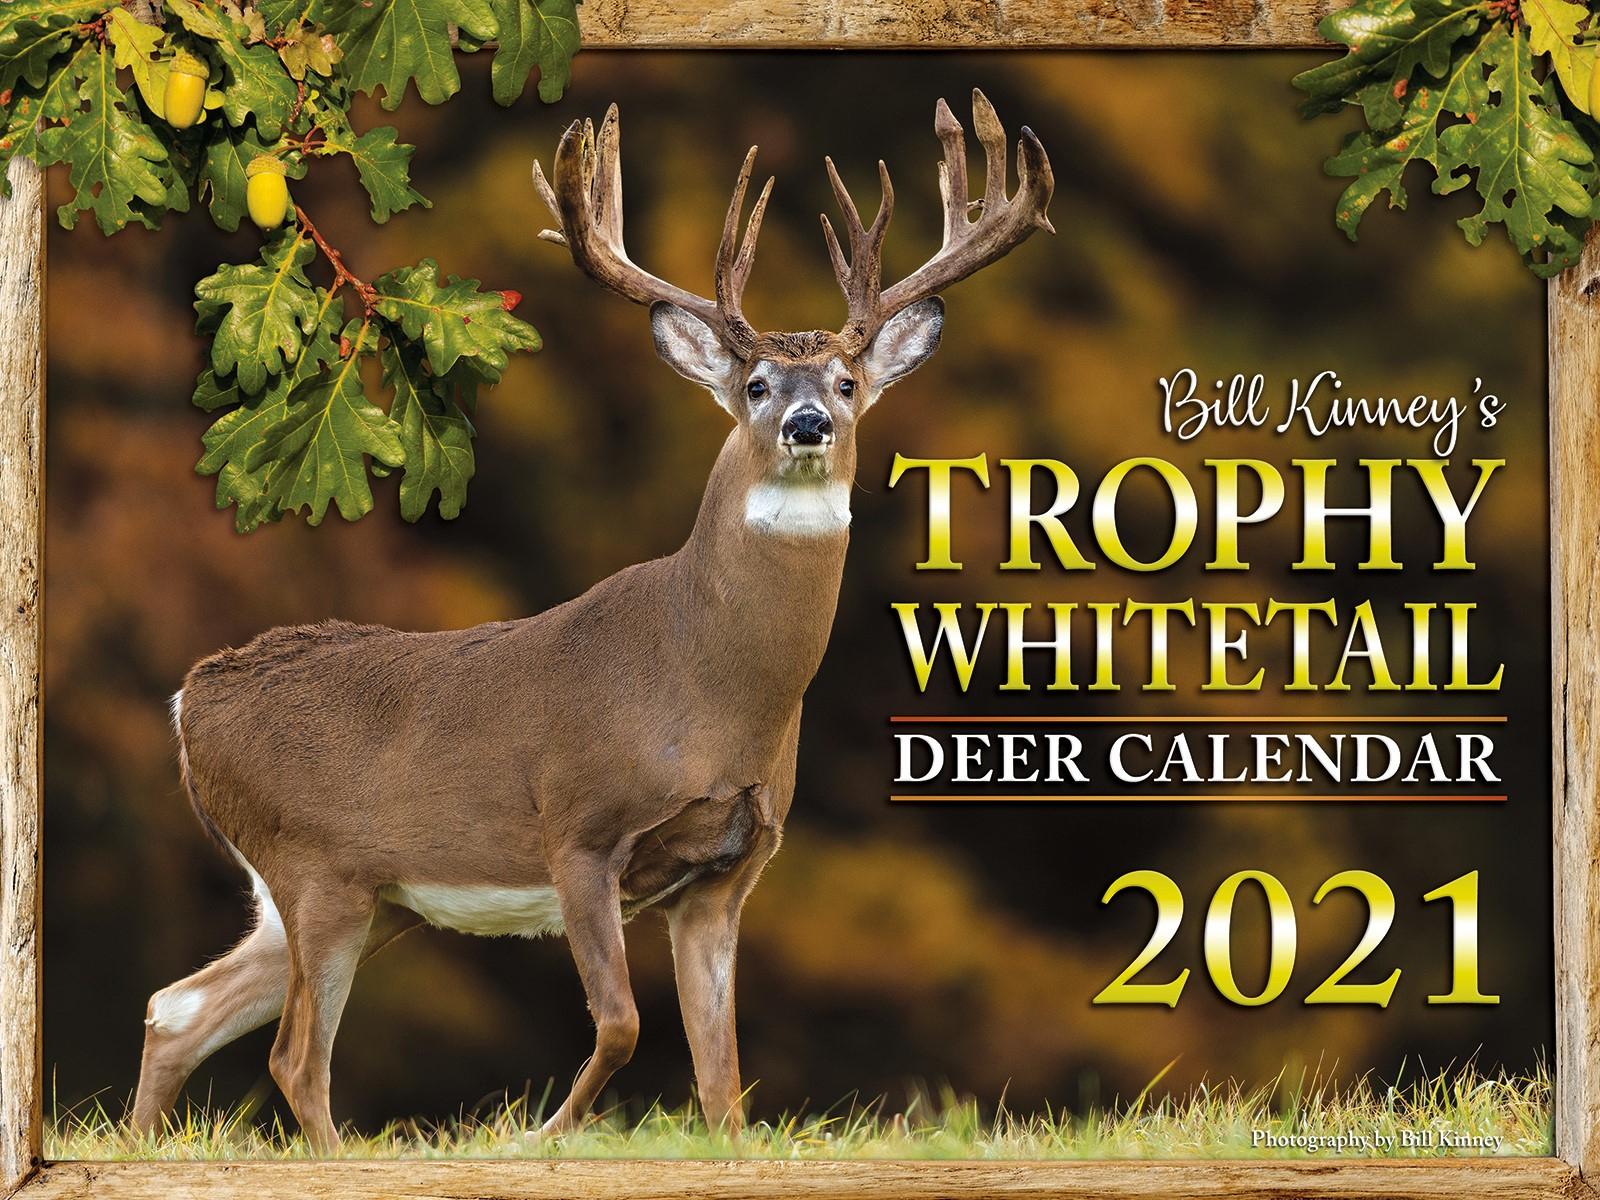 Calendar Page - Billkinney %